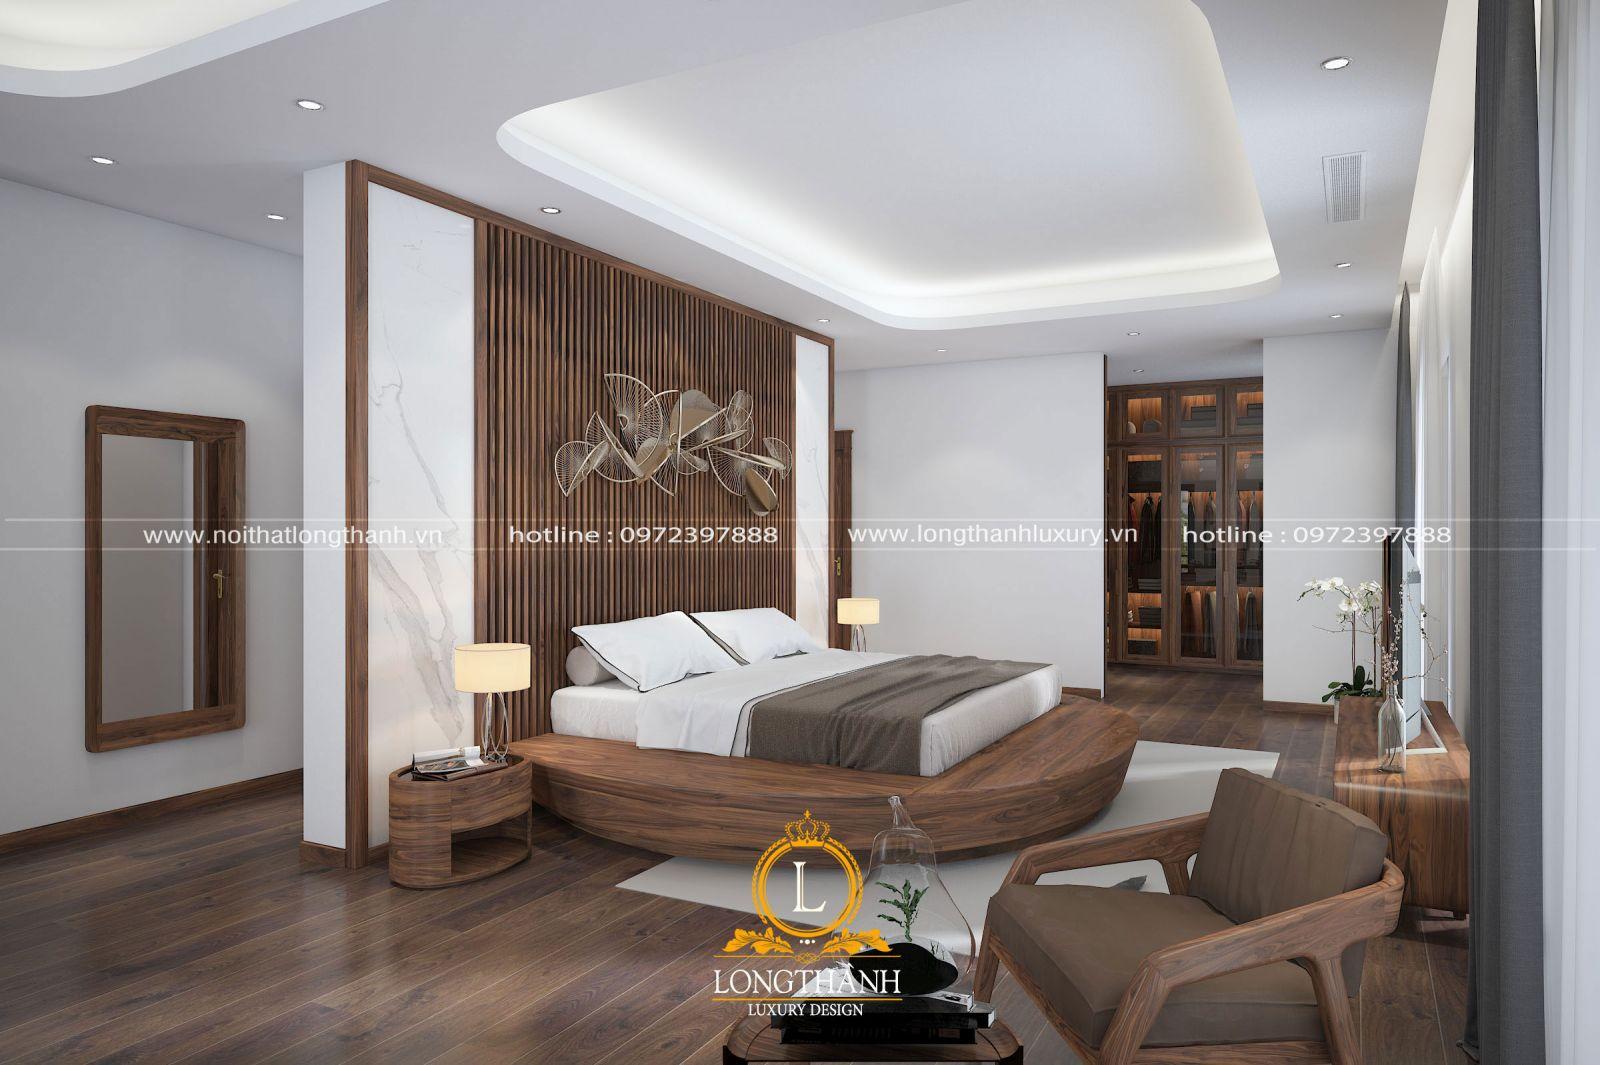 Được thiết kế độc đáo nên mẫu phòng ngủ này phù hợp hơn với các quý ông